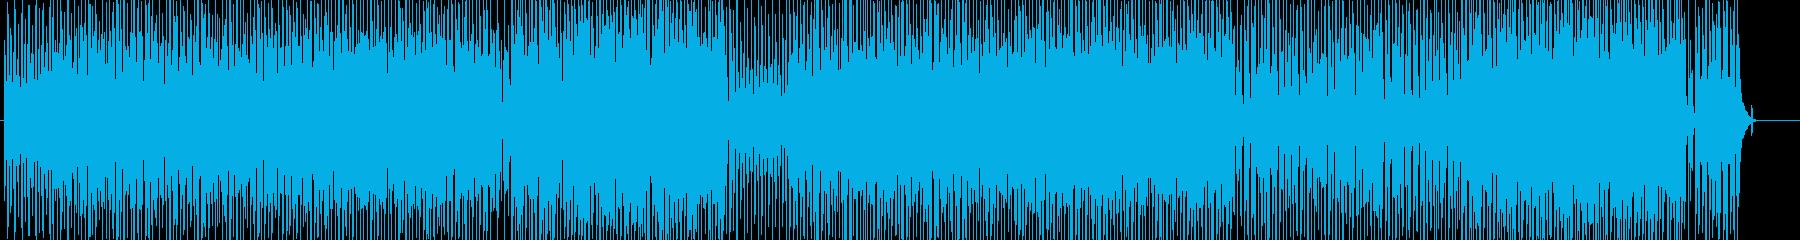 アコースティックな明るいウクレレと口笛の再生済みの波形